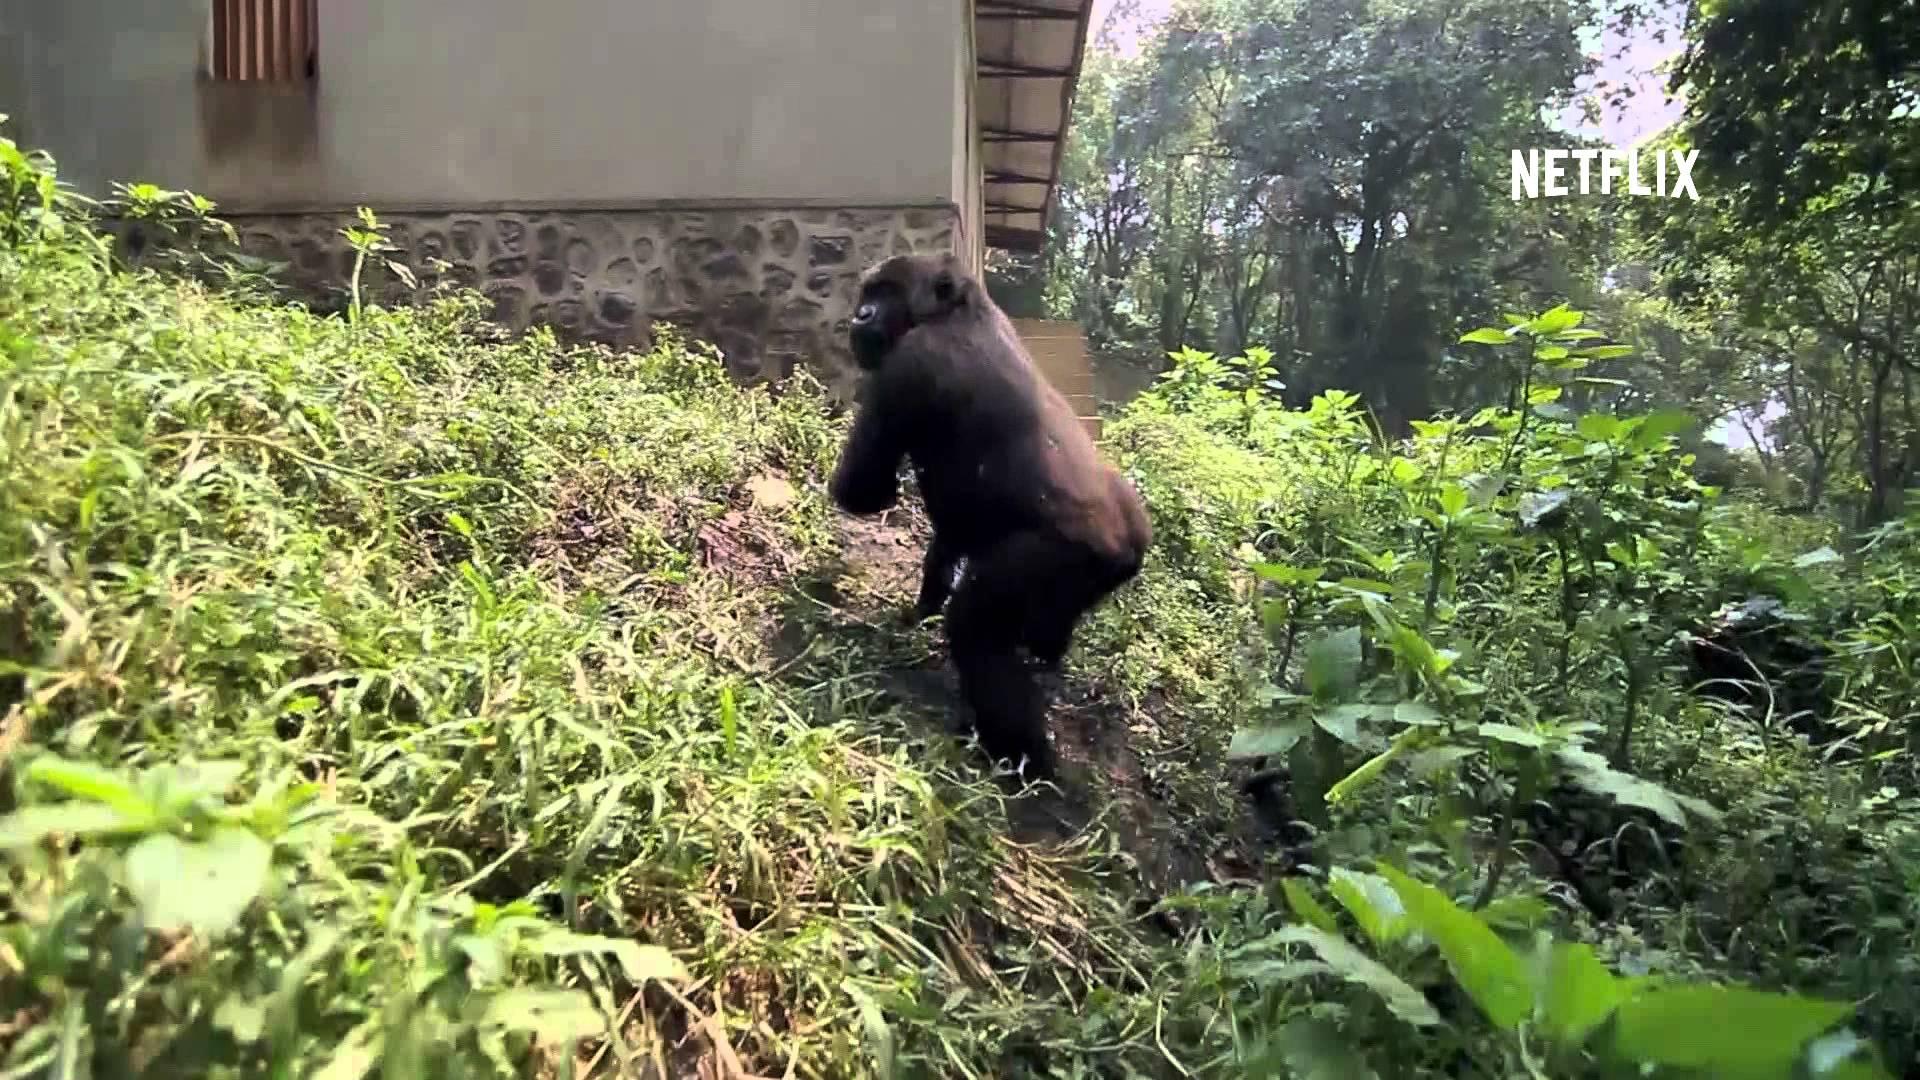 Salvare i gorilla, il documentario prodotto da DiCaprio (VIDEO)